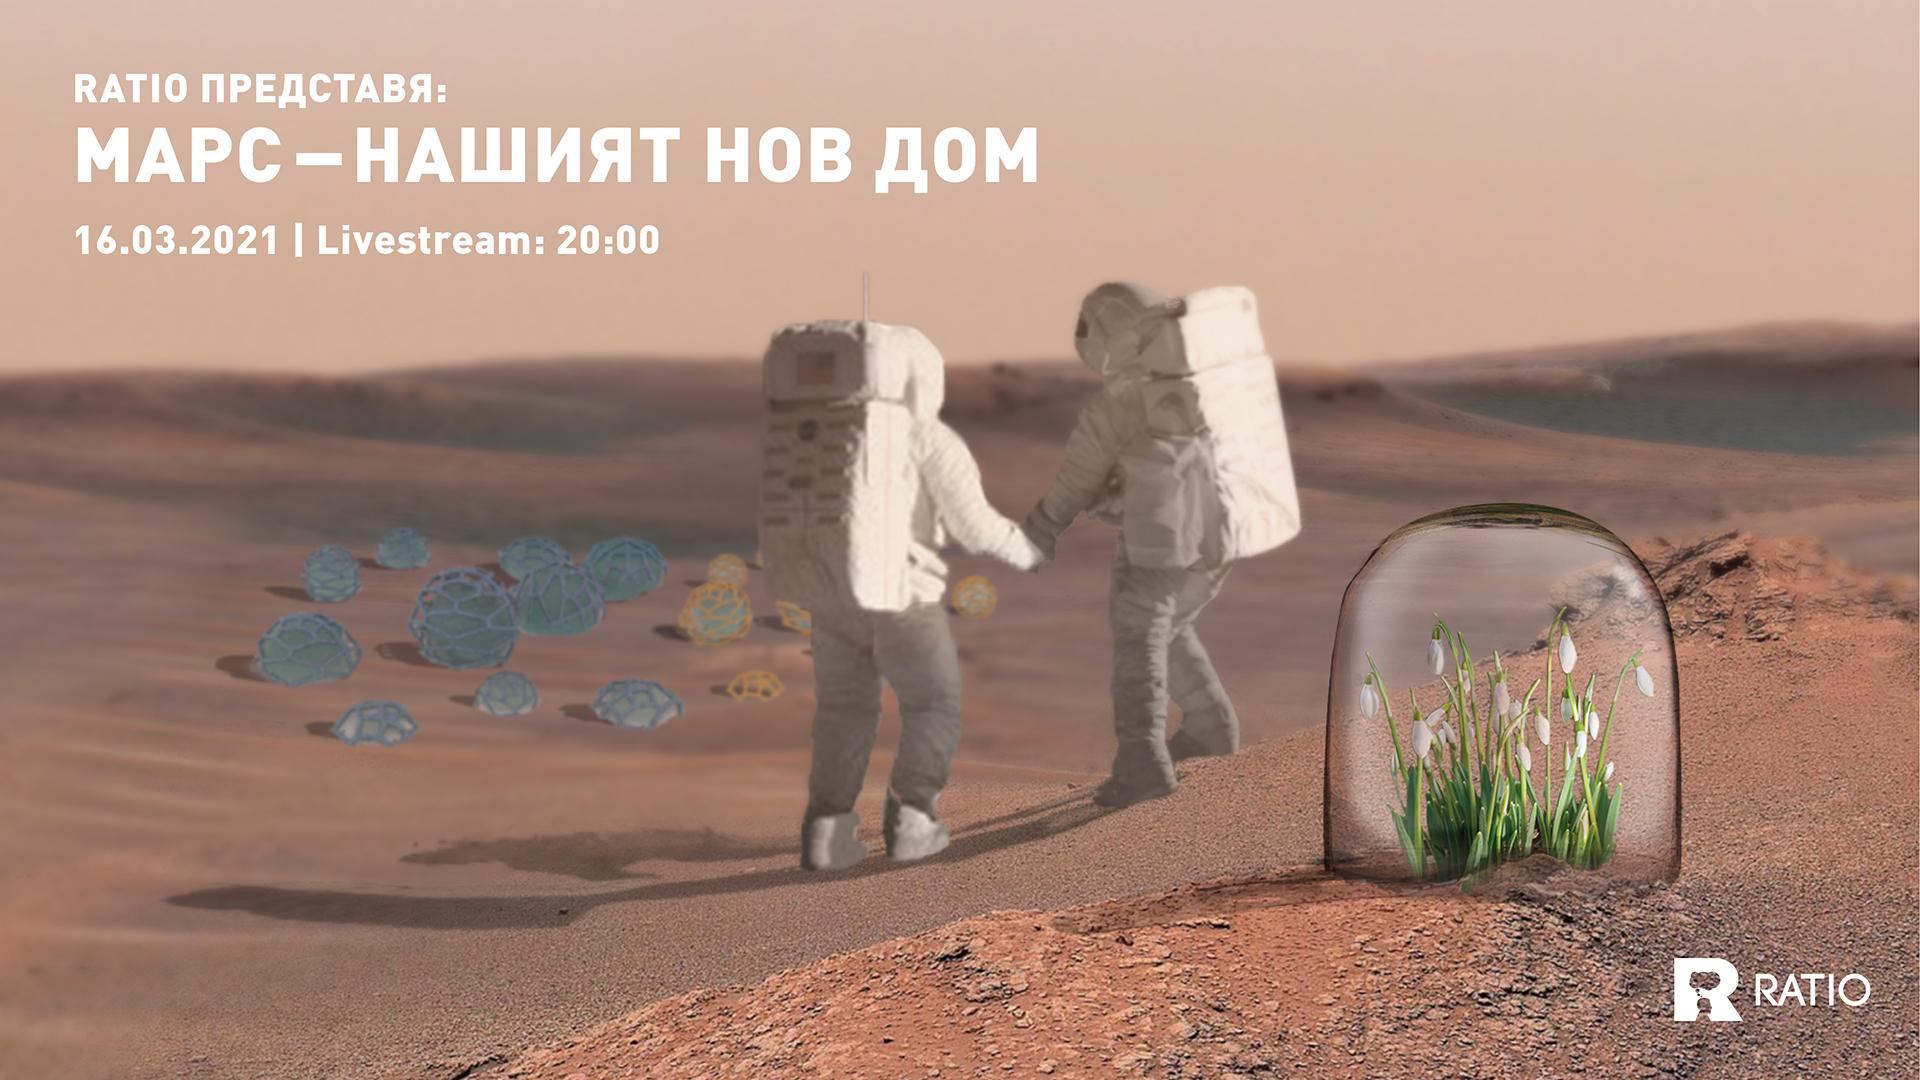 Ratio представя: Марс – нашият нов дом